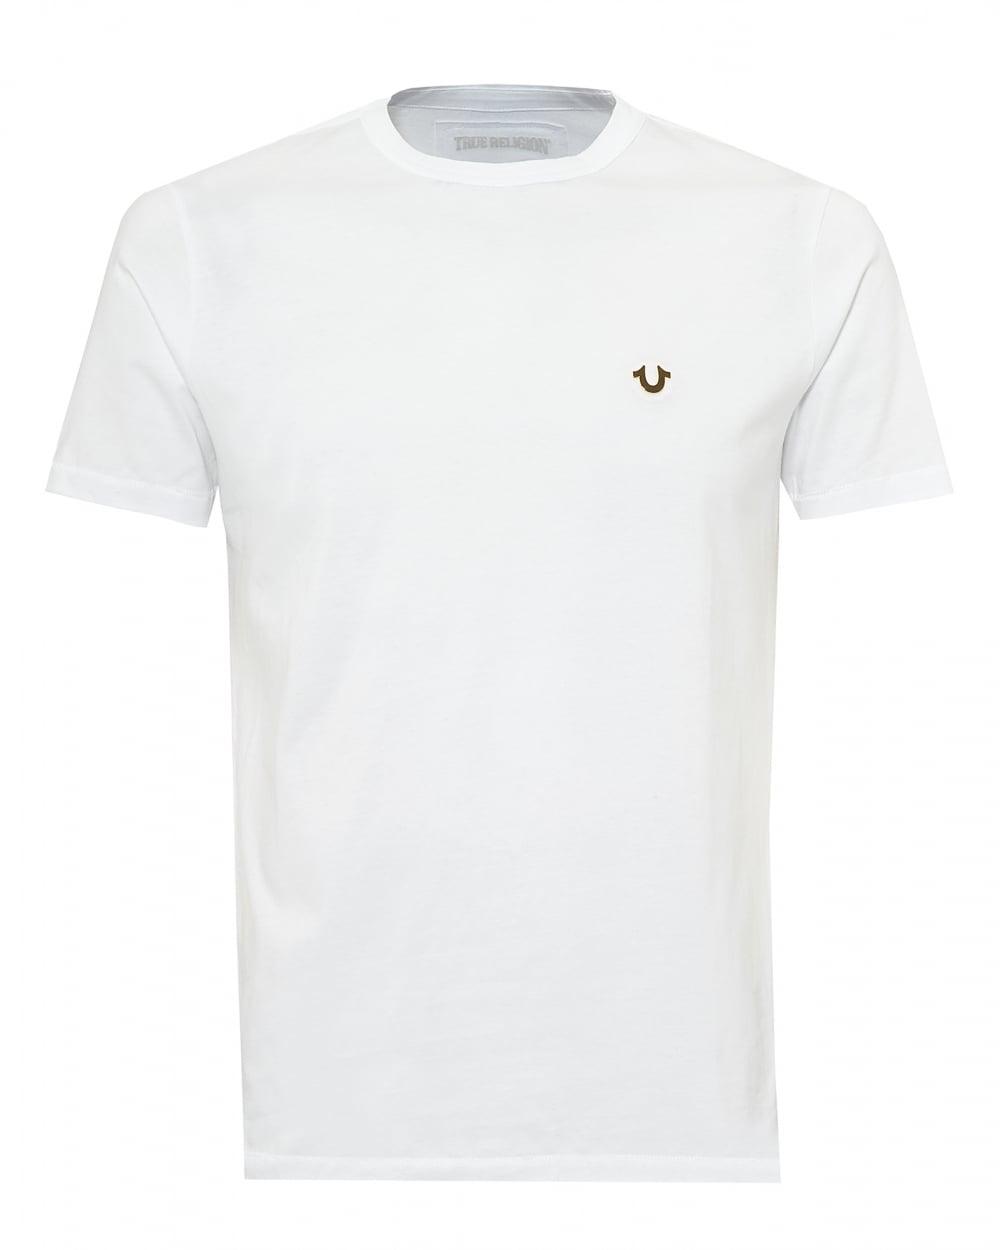 True Religion Jeans Mens Horseshoe Logo T Shirt Plain